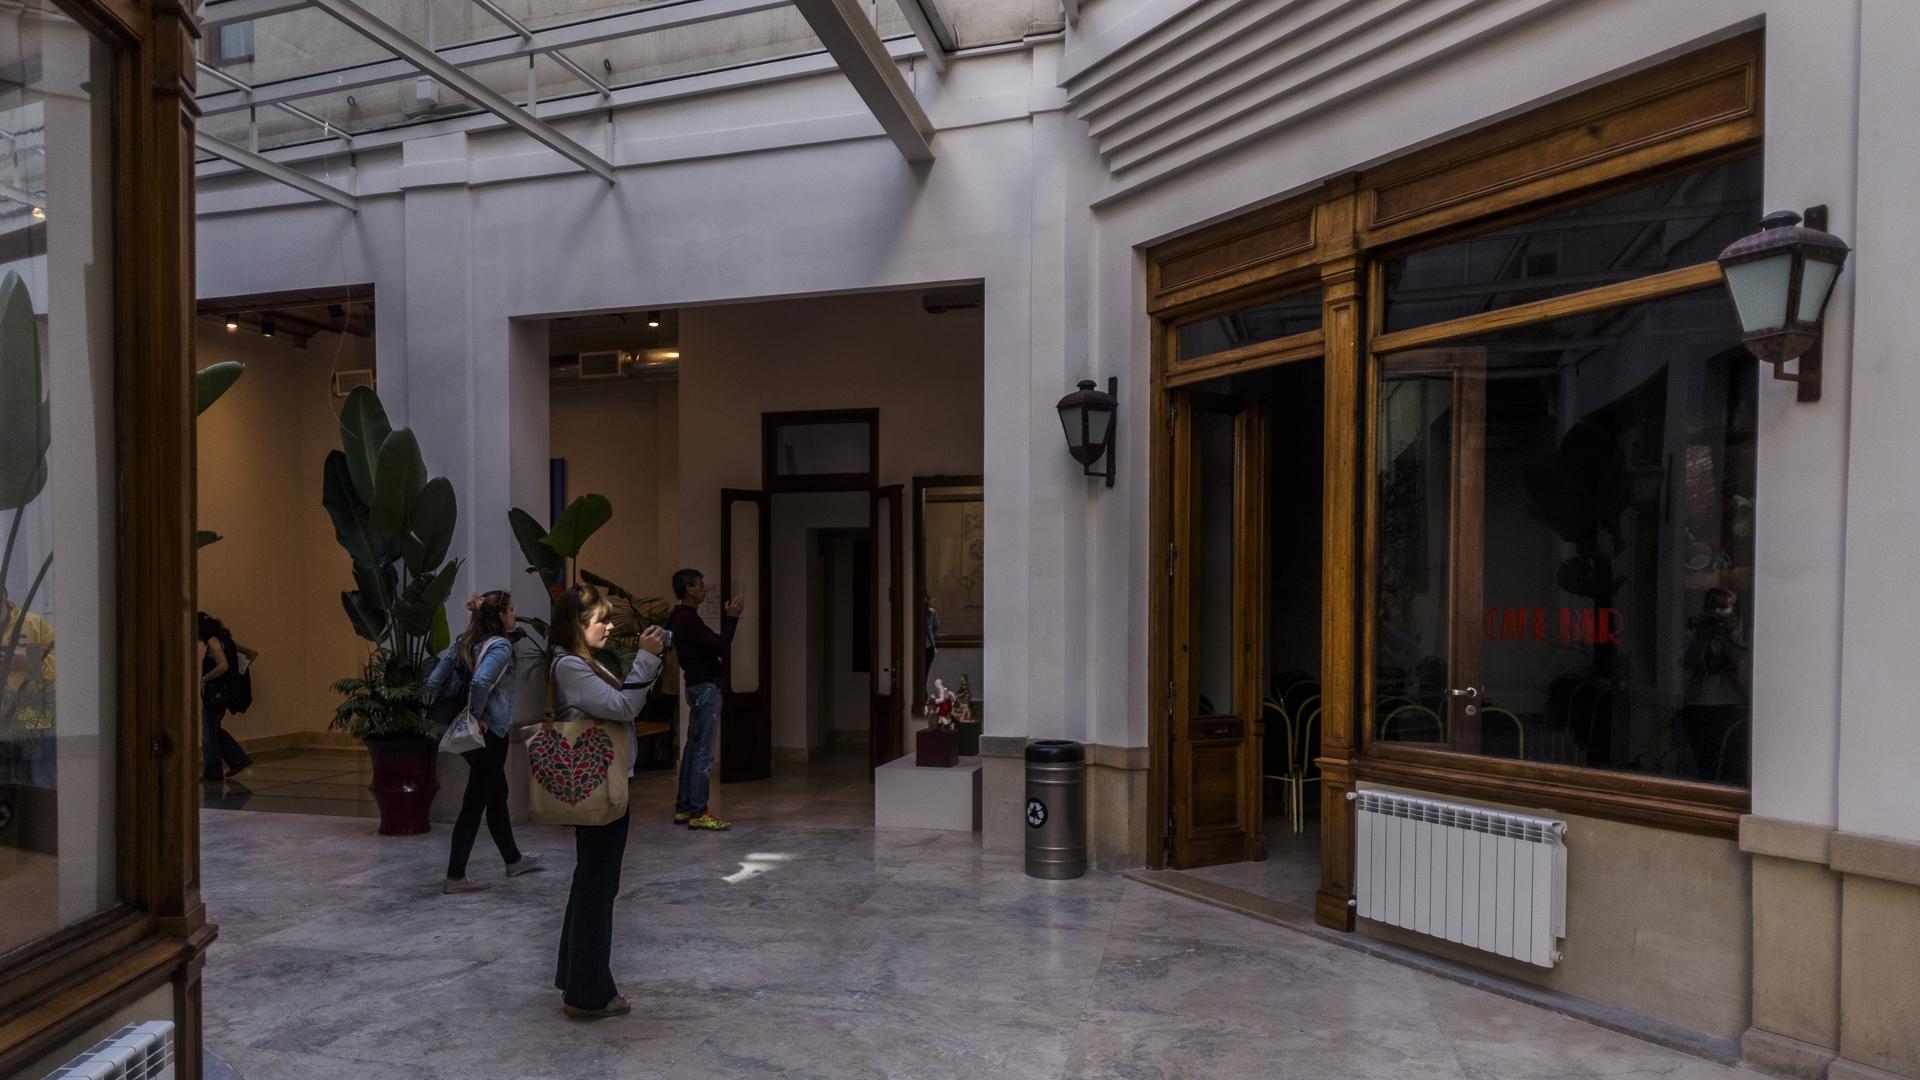 Ha sufrido numerosas alteraciones, como la demolición de uno de sus extremos y la renovación estilística a cargo del arquitecto Virasoro, seguido de un gran deterioro en la segunda mitad del siglo XX a causa de su abandono